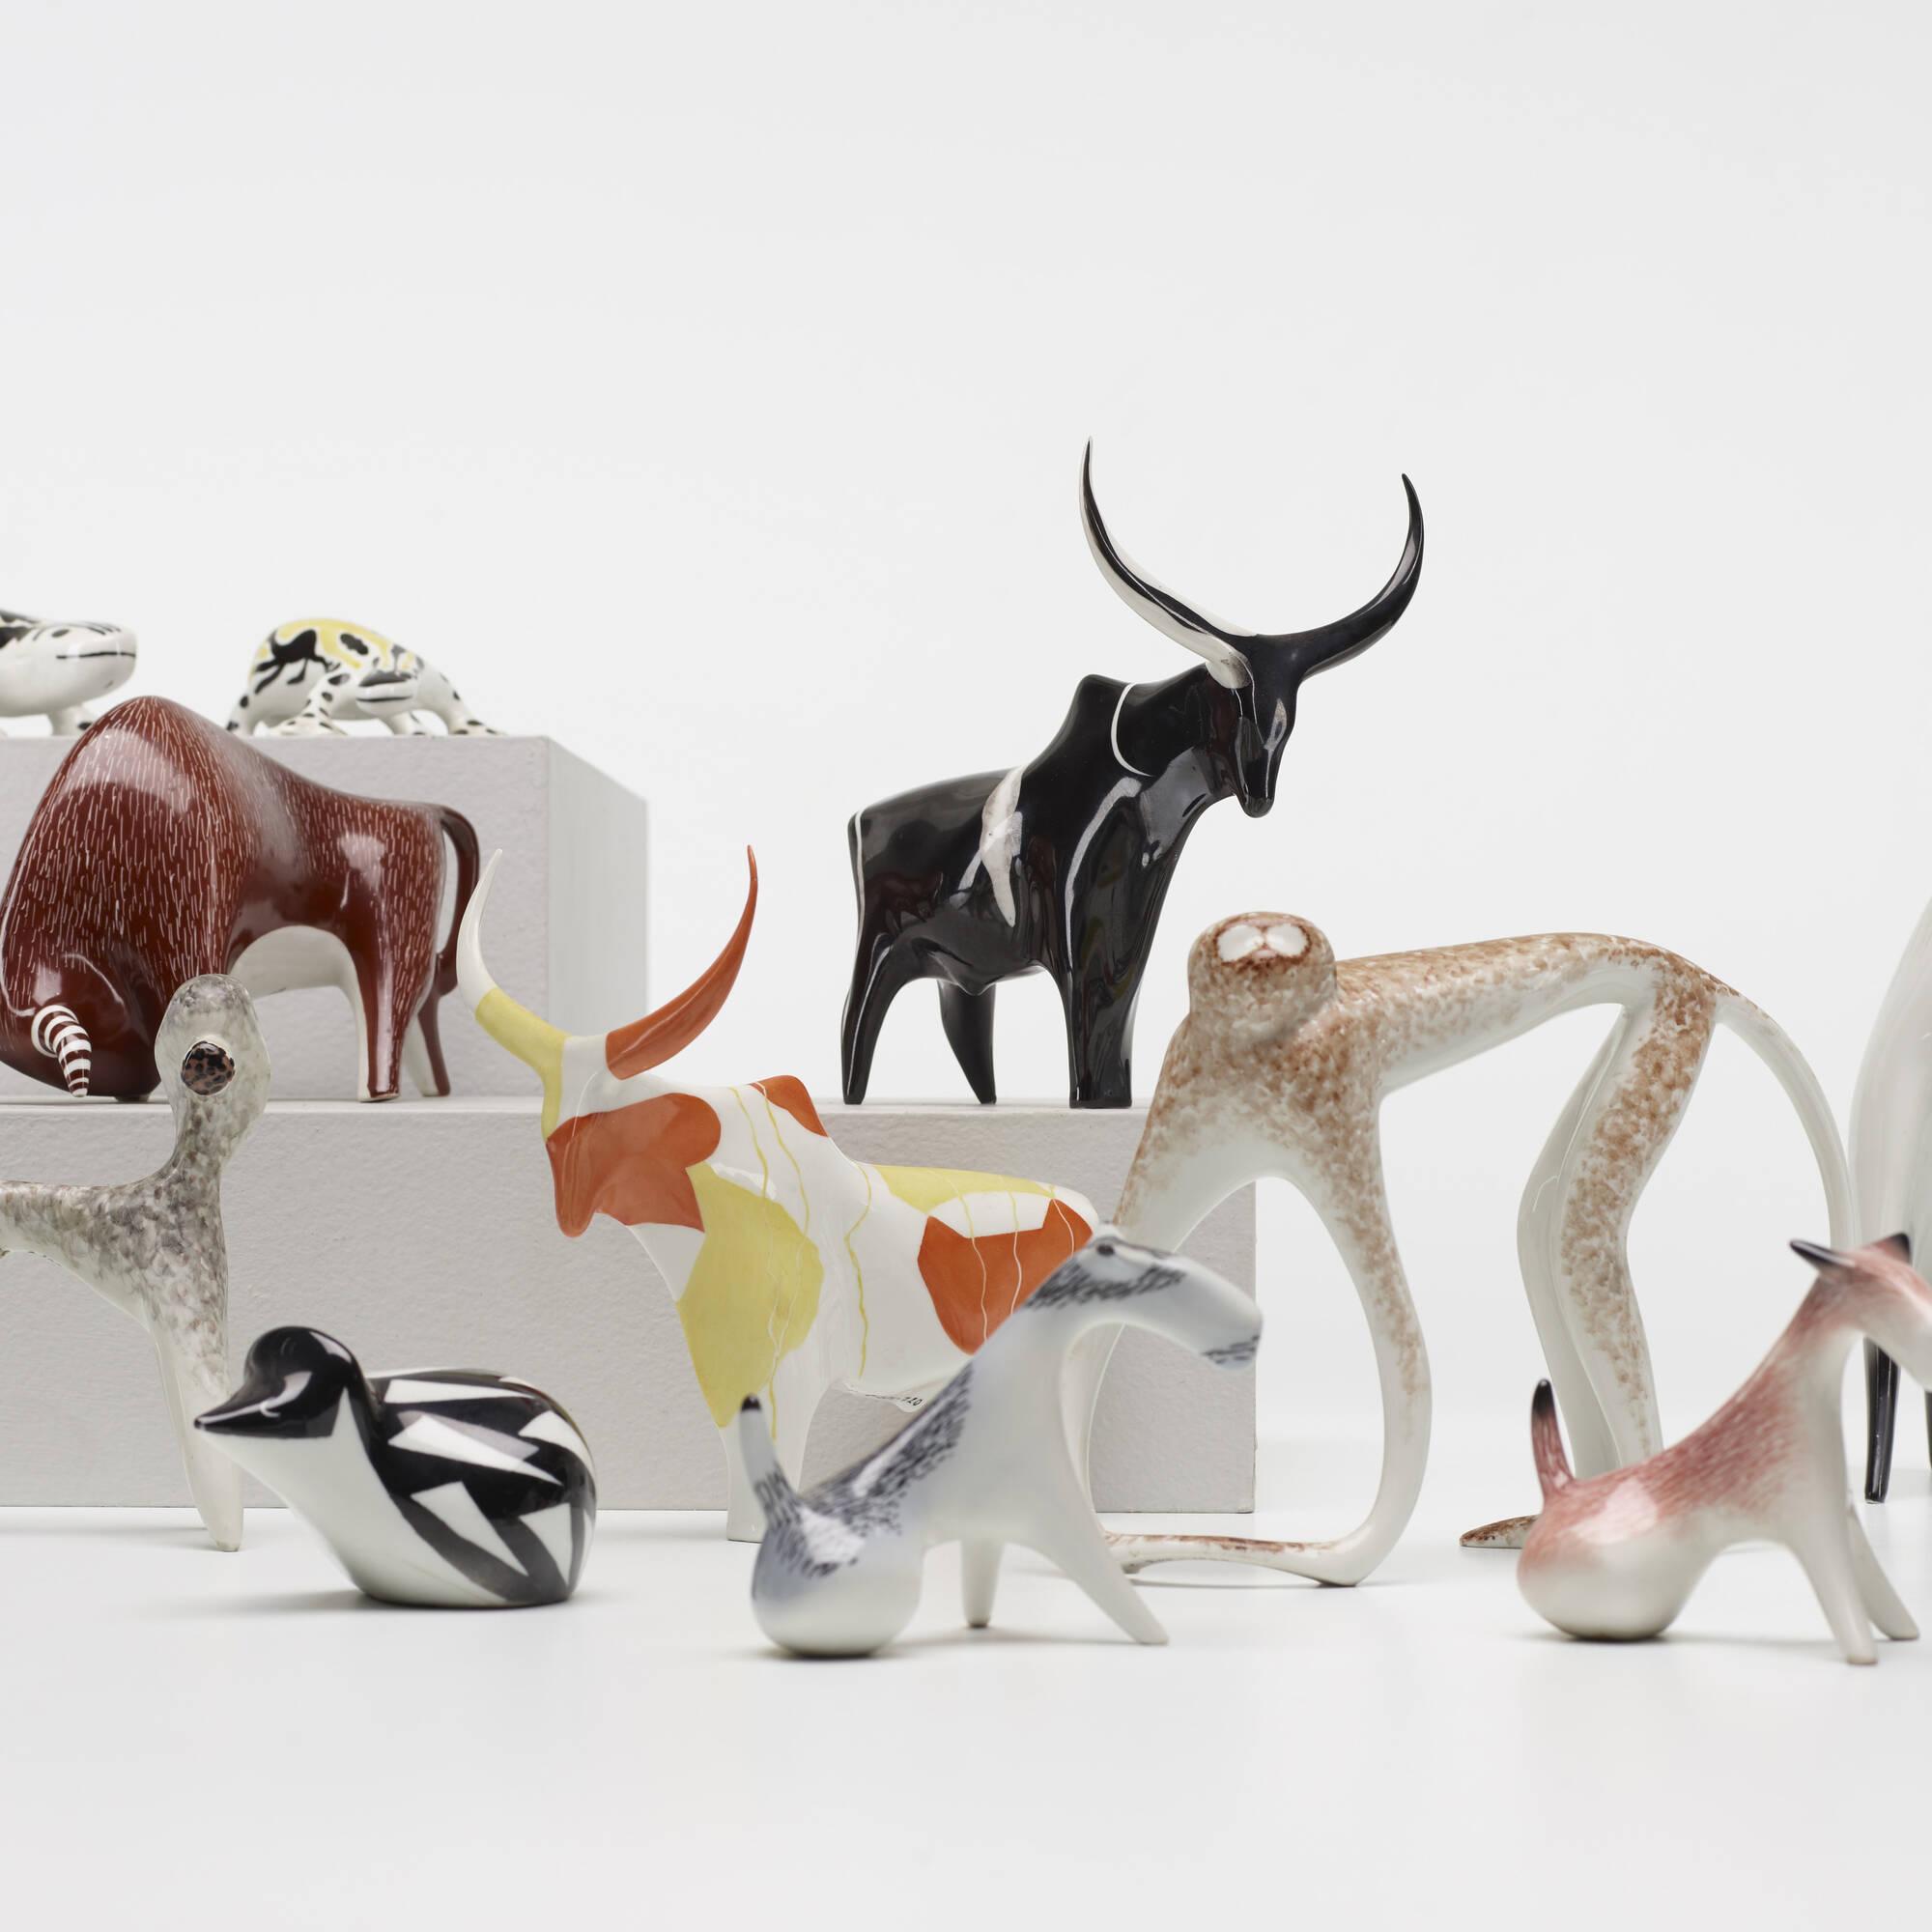 203: Mieczyslaw Naruszewicz / collection of twenty-one animal figurines (2 of 4)